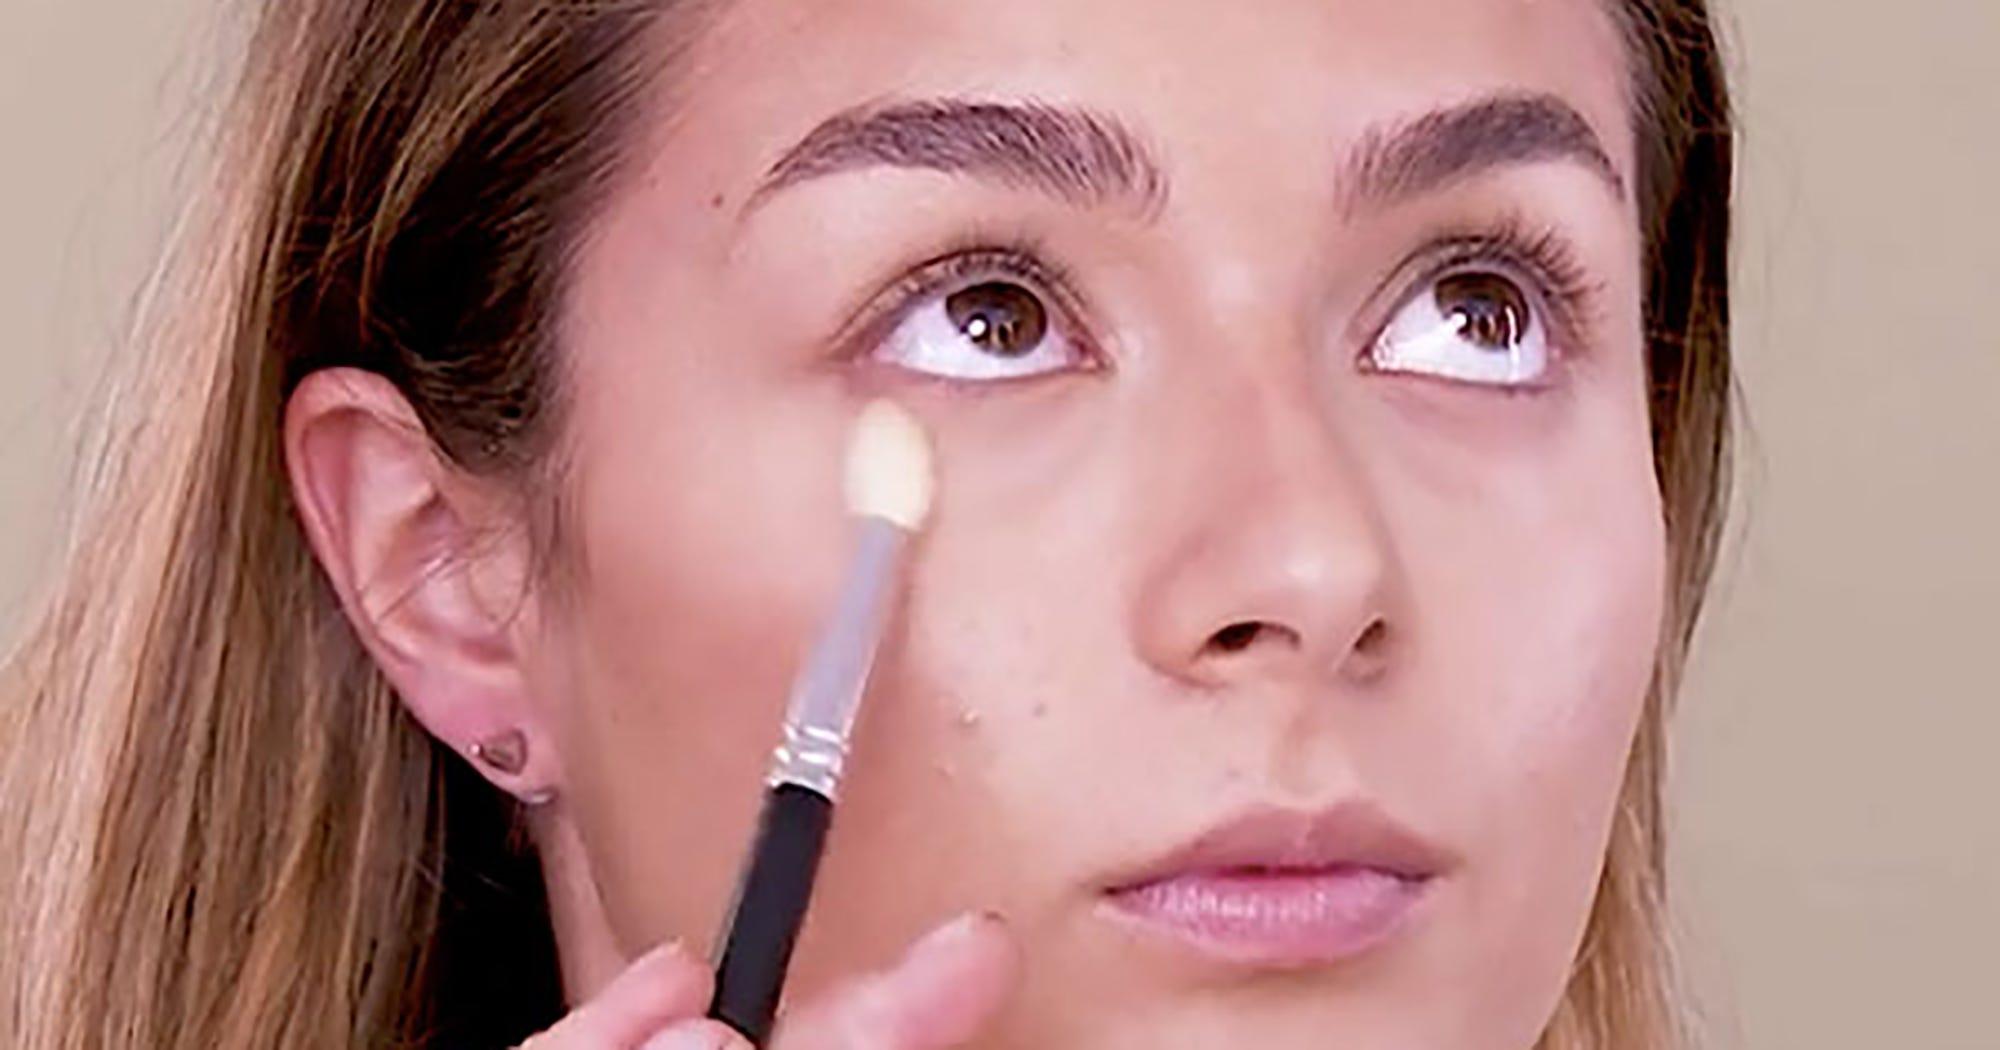 5 Ultra-Flattering Makeup Looks Minimalists Will Love